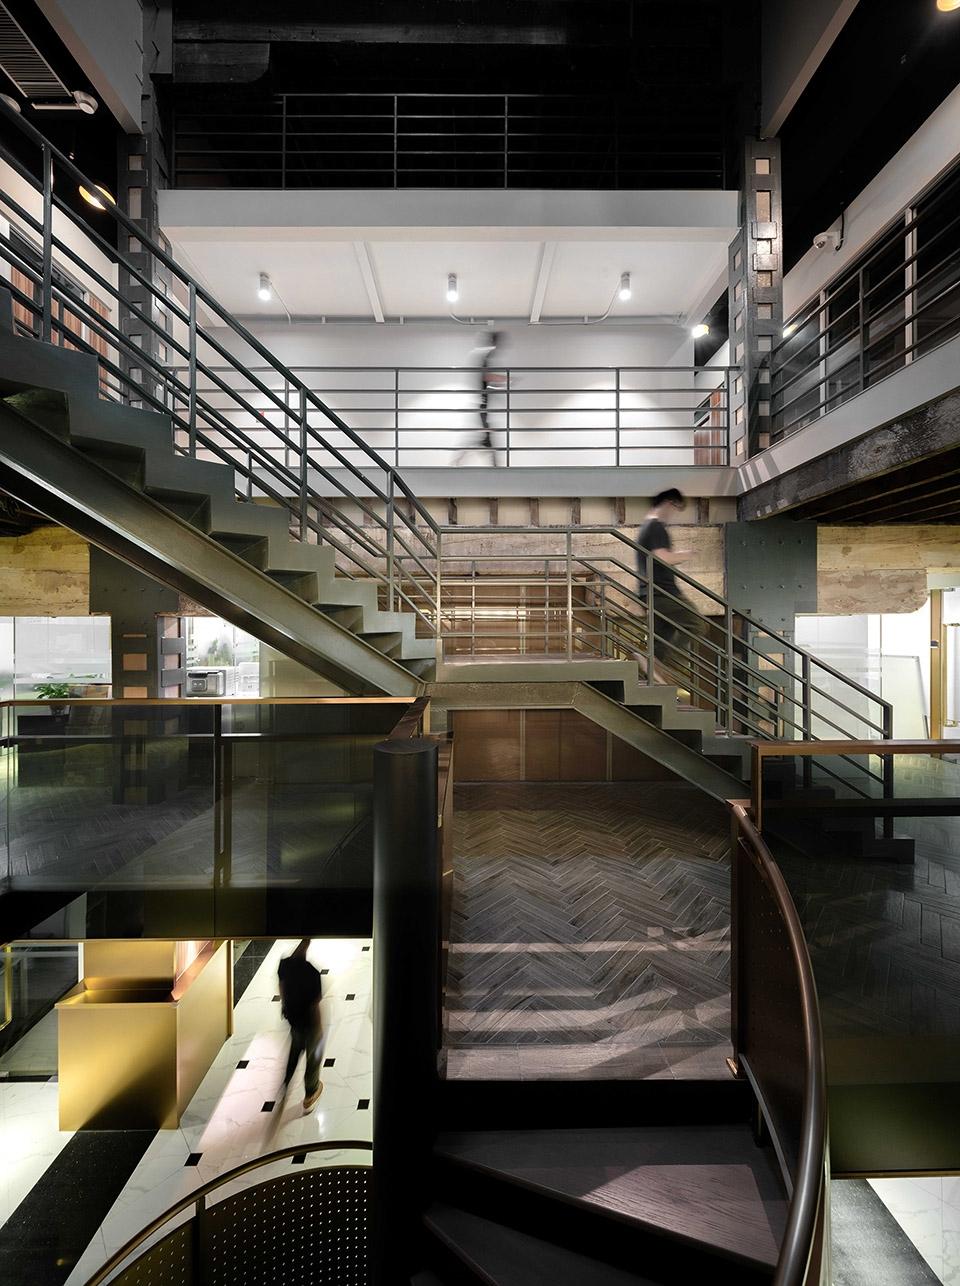 上海琥珀大楼大堂及公共区改造设计/上海境物